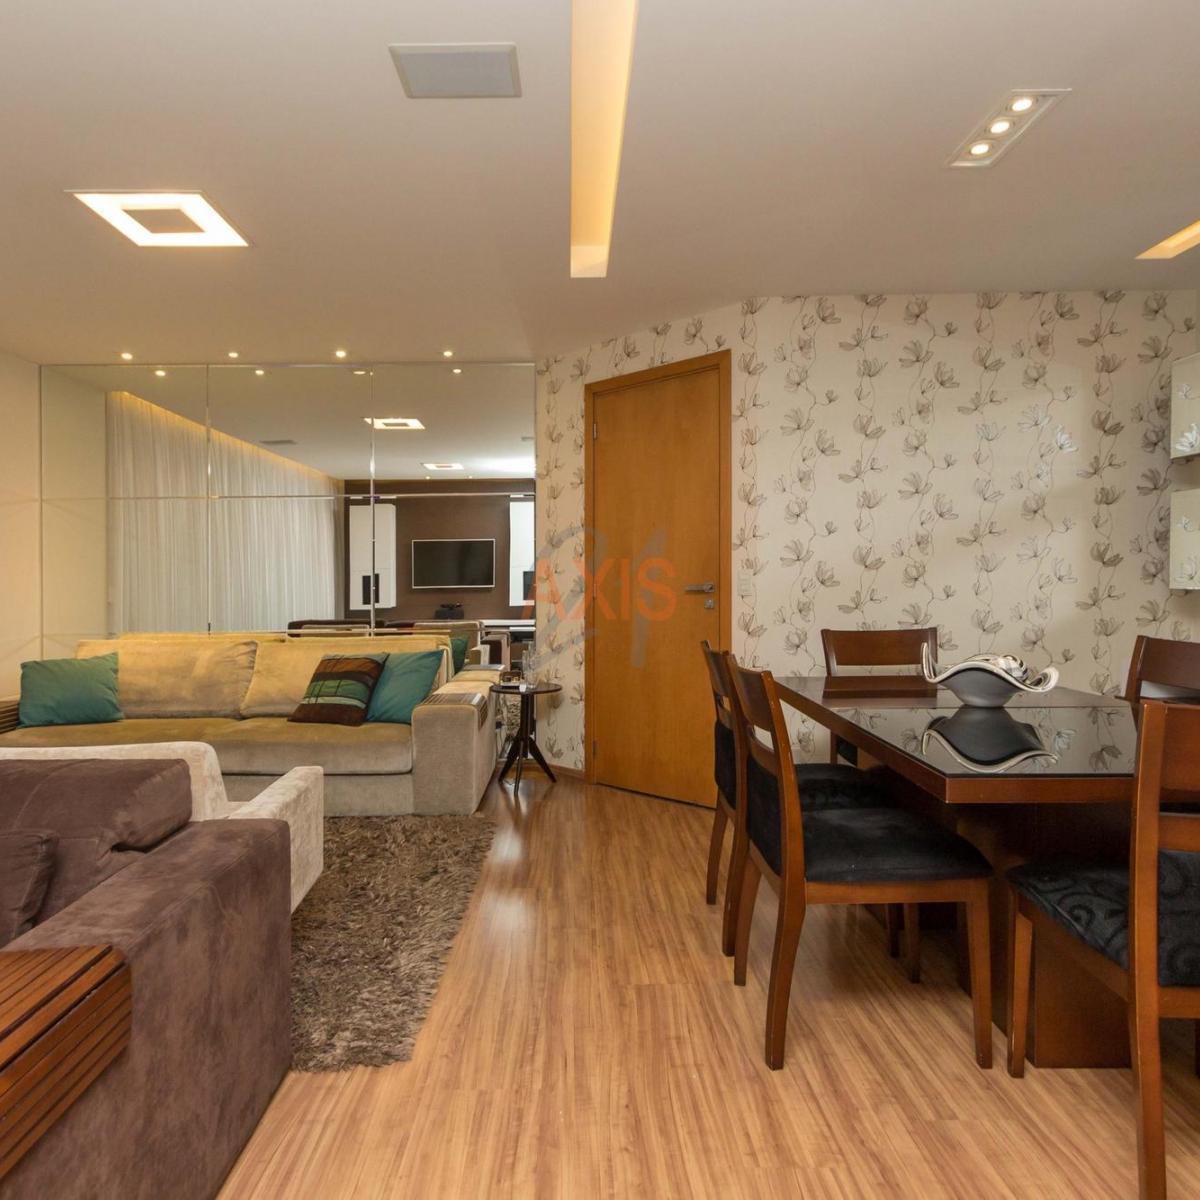 http://www.infocenterhost2.com.br/crm/fotosimovel/231637/71273991-apartamento-curitiba-mossungue_marcadagua.jpg